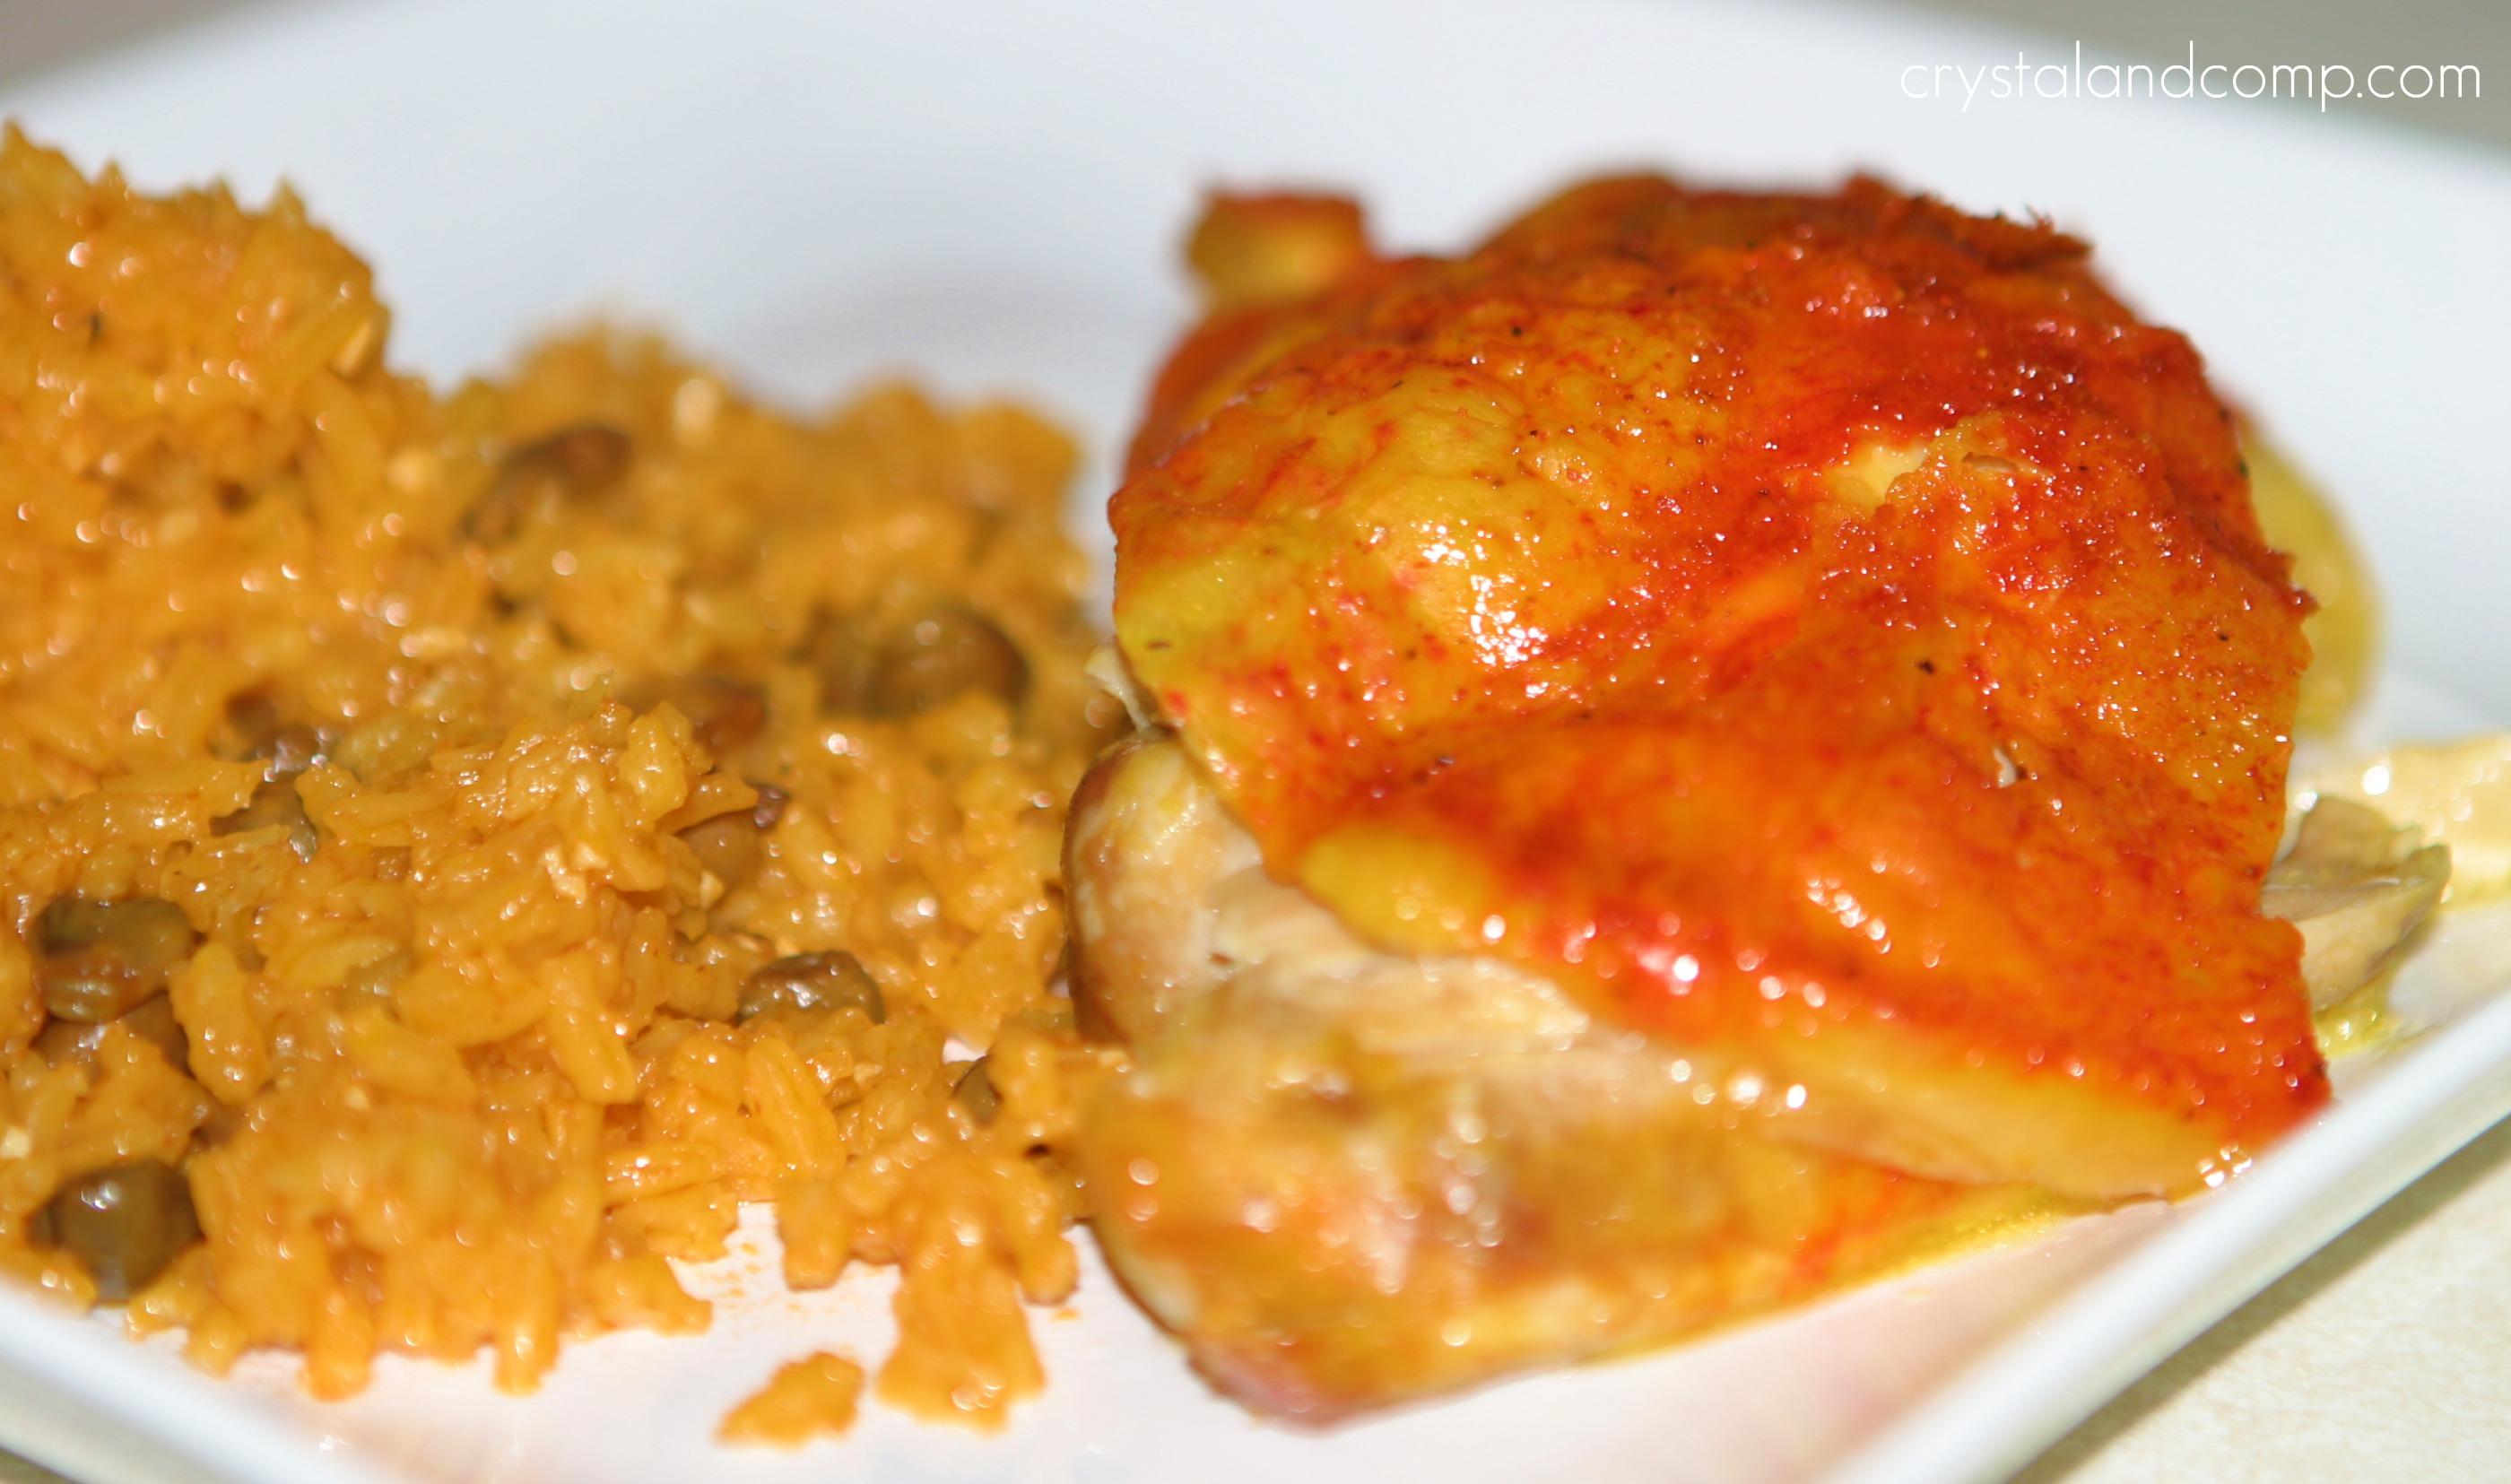 Puerto Rican Baked Chicken Recipes